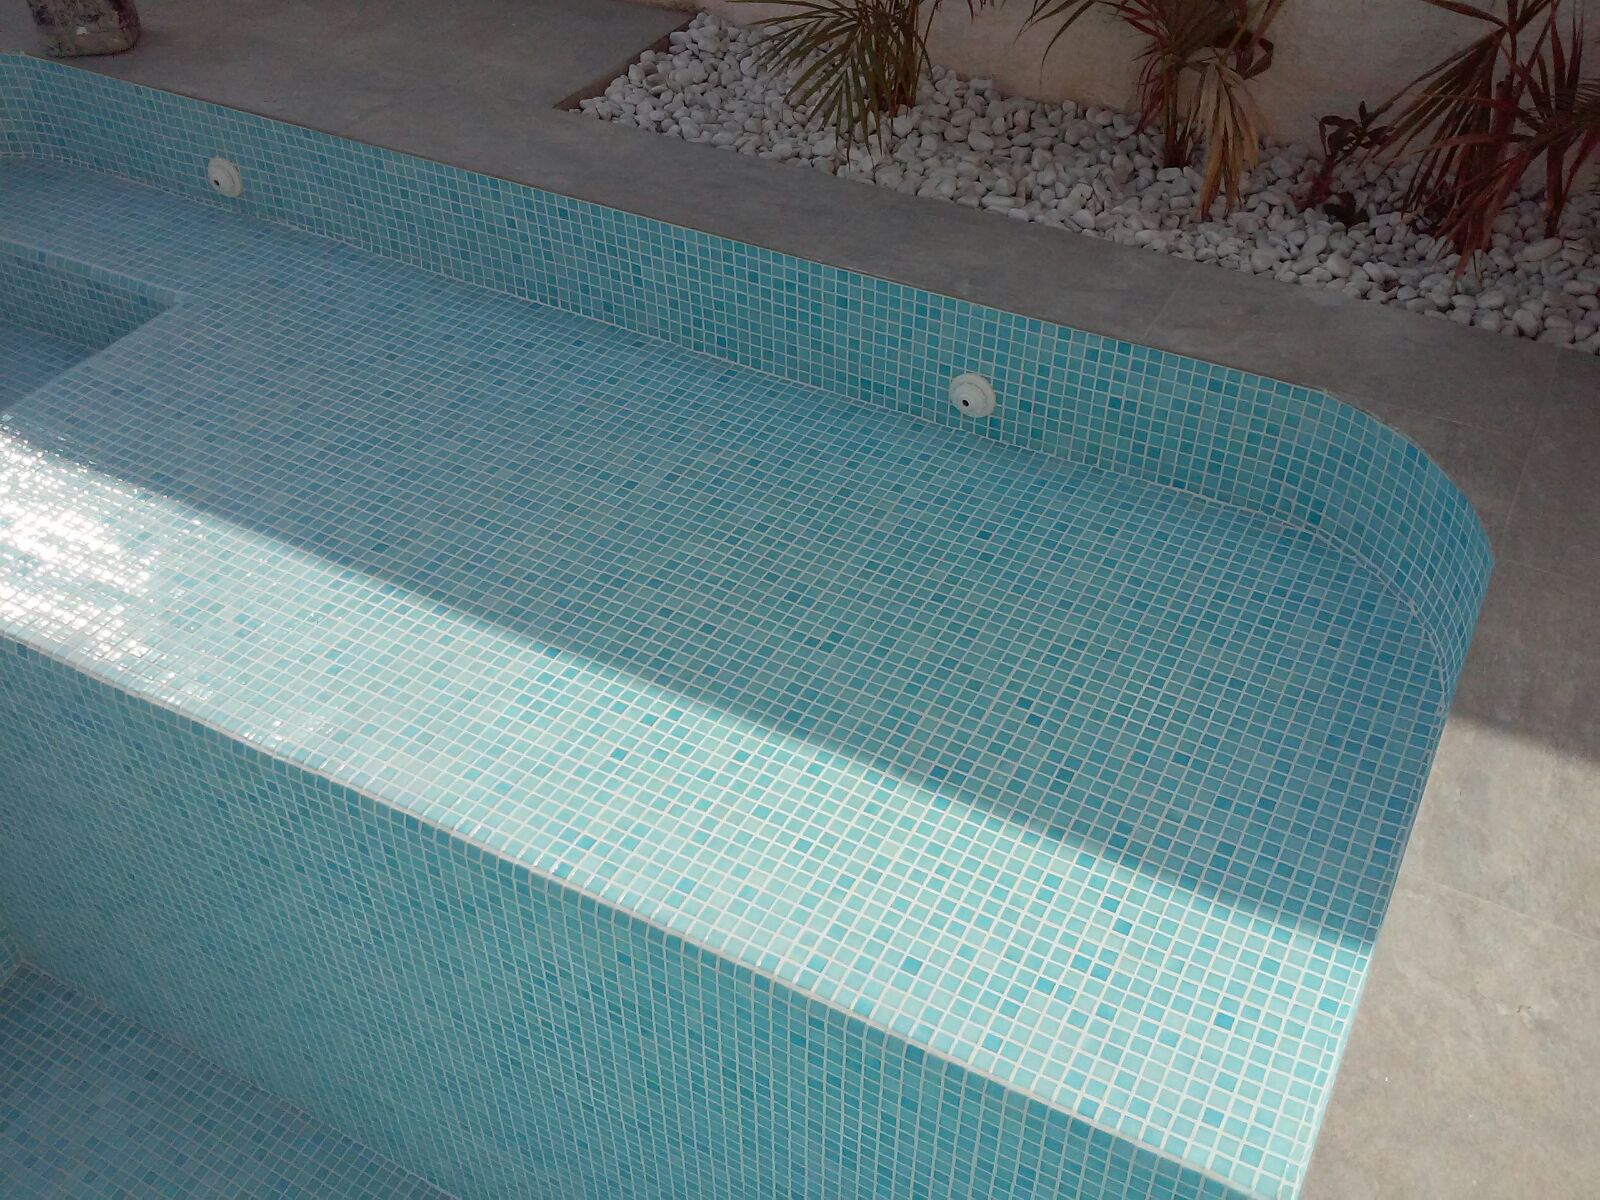 Imagenes whatsapp 778 construcci n de piscinas - Barrefondos para piscinas ...